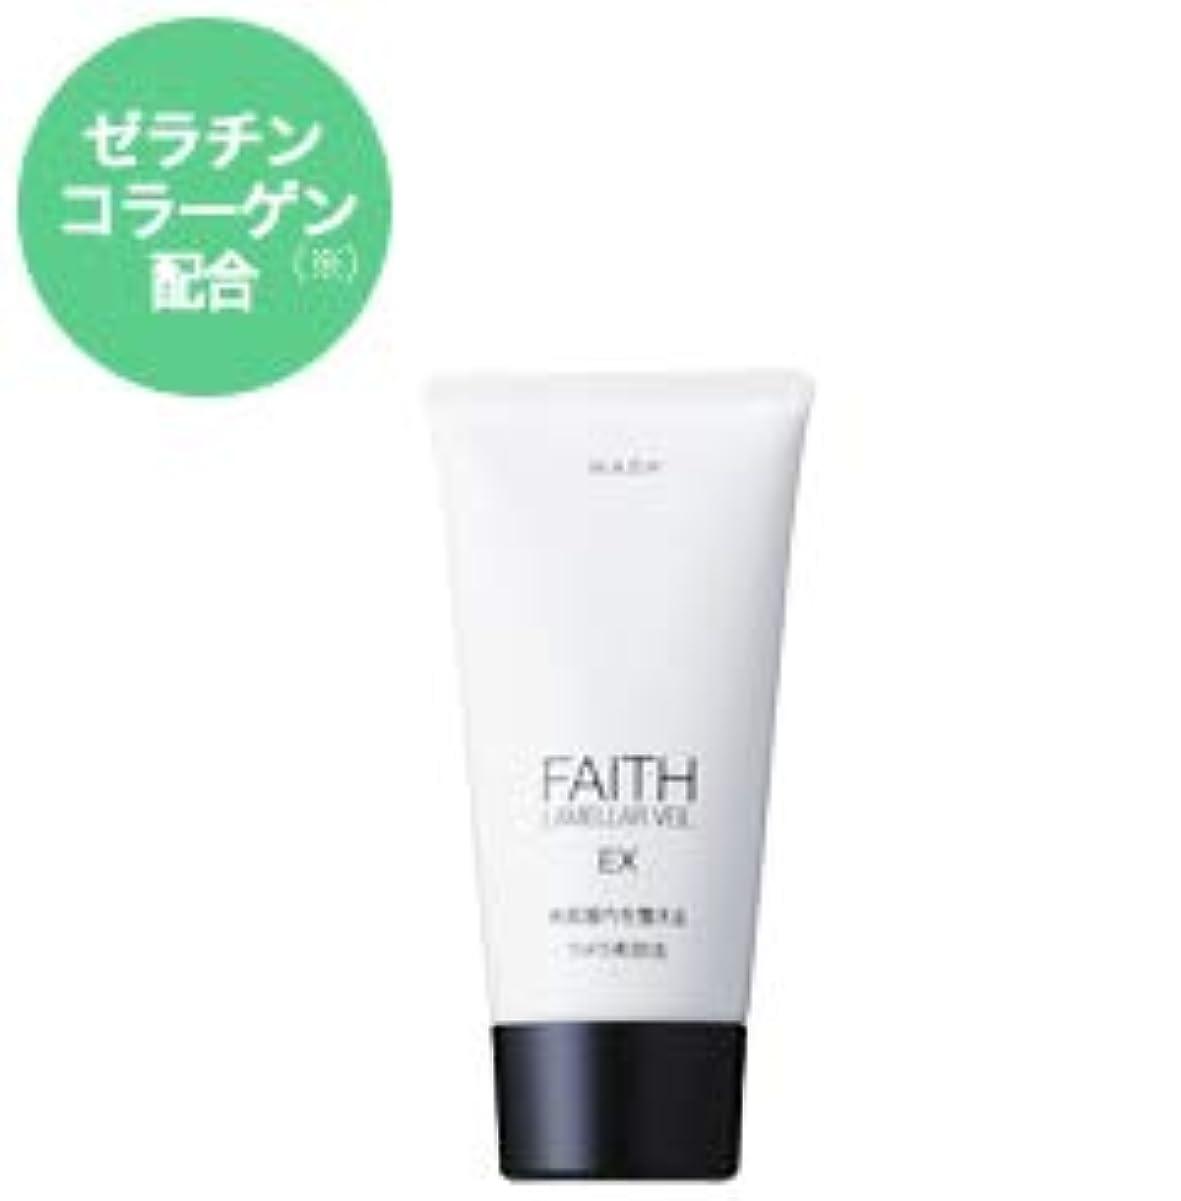 不要ちなみに破壊する【FAITH フェース】 ラメラベールEX ウォッシュ 80g